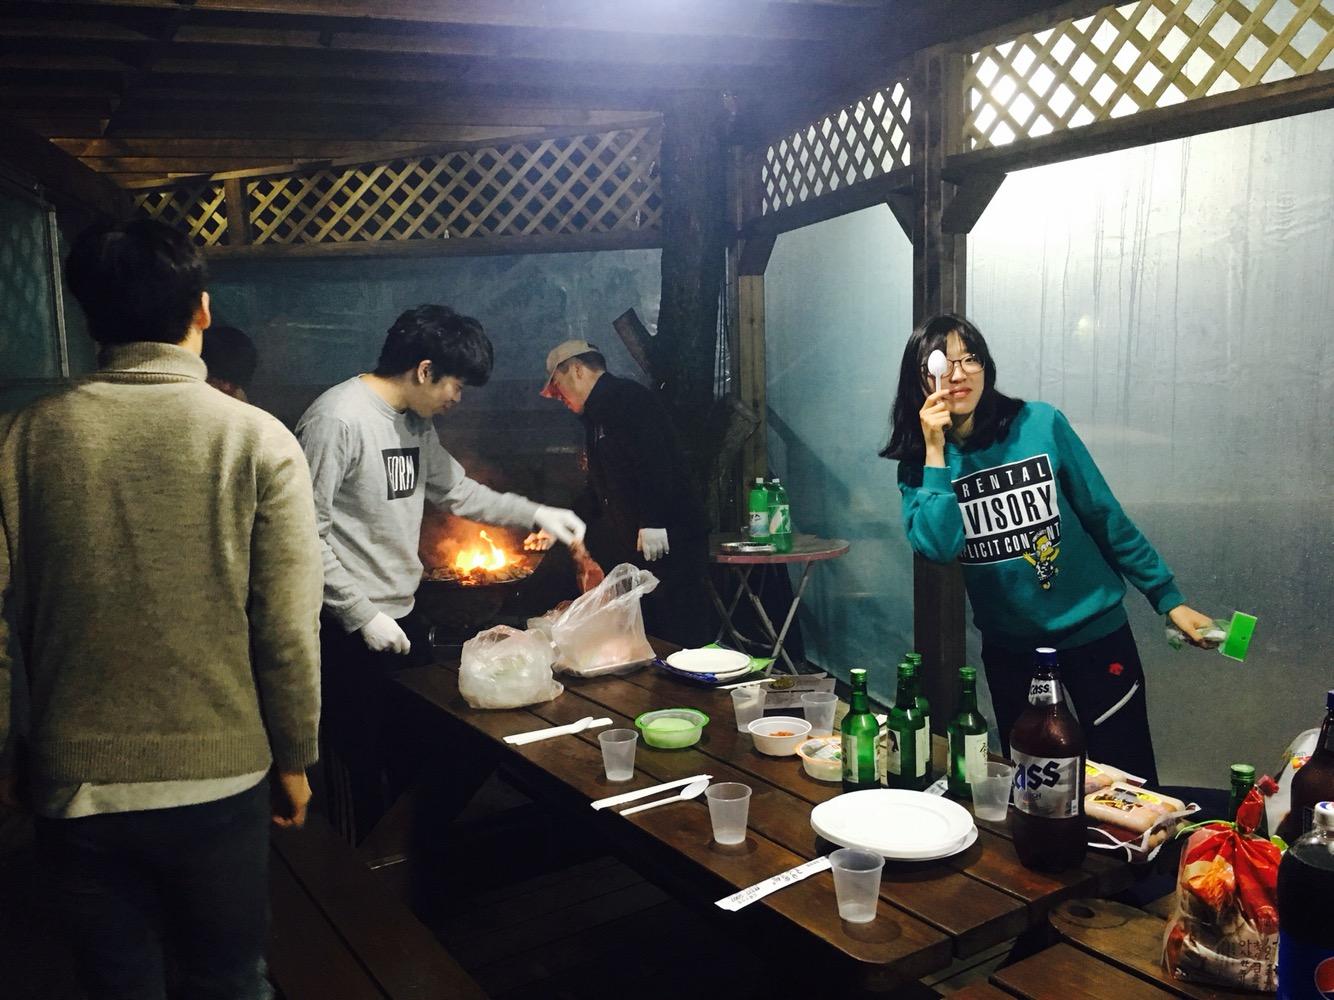 2016.02.12_김해롯데워터파크 MT (30).JPG